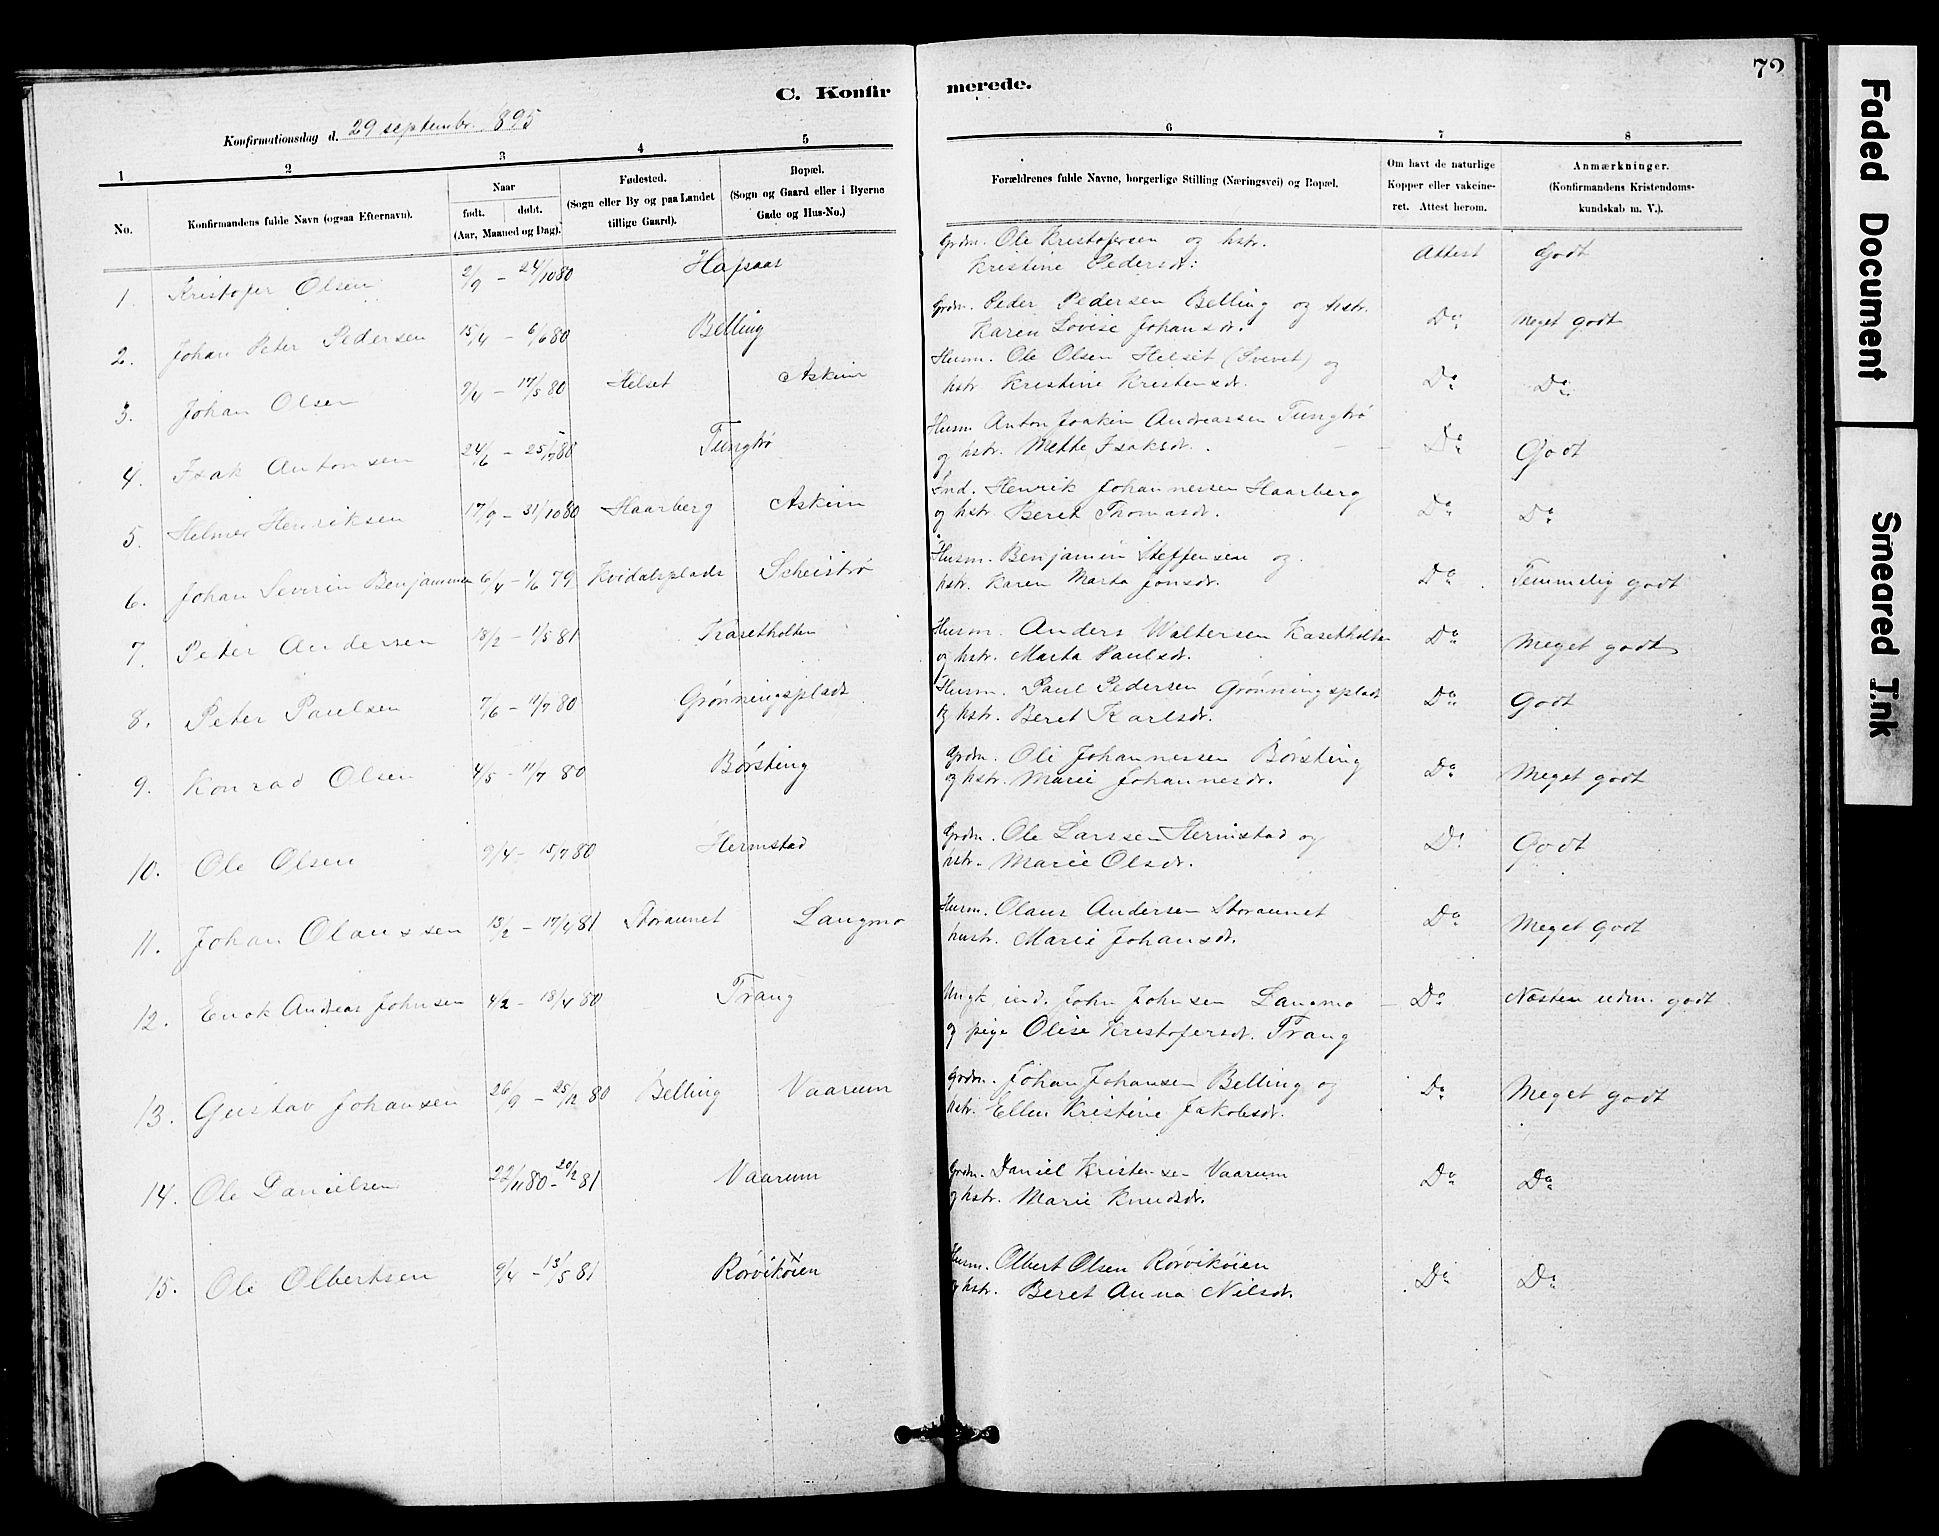 SAT, Ministerialprotokoller, klokkerbøker og fødselsregistre - Sør-Trøndelag, 646/L0628: Klokkerbok nr. 646C01, 1880-1903, s. 72